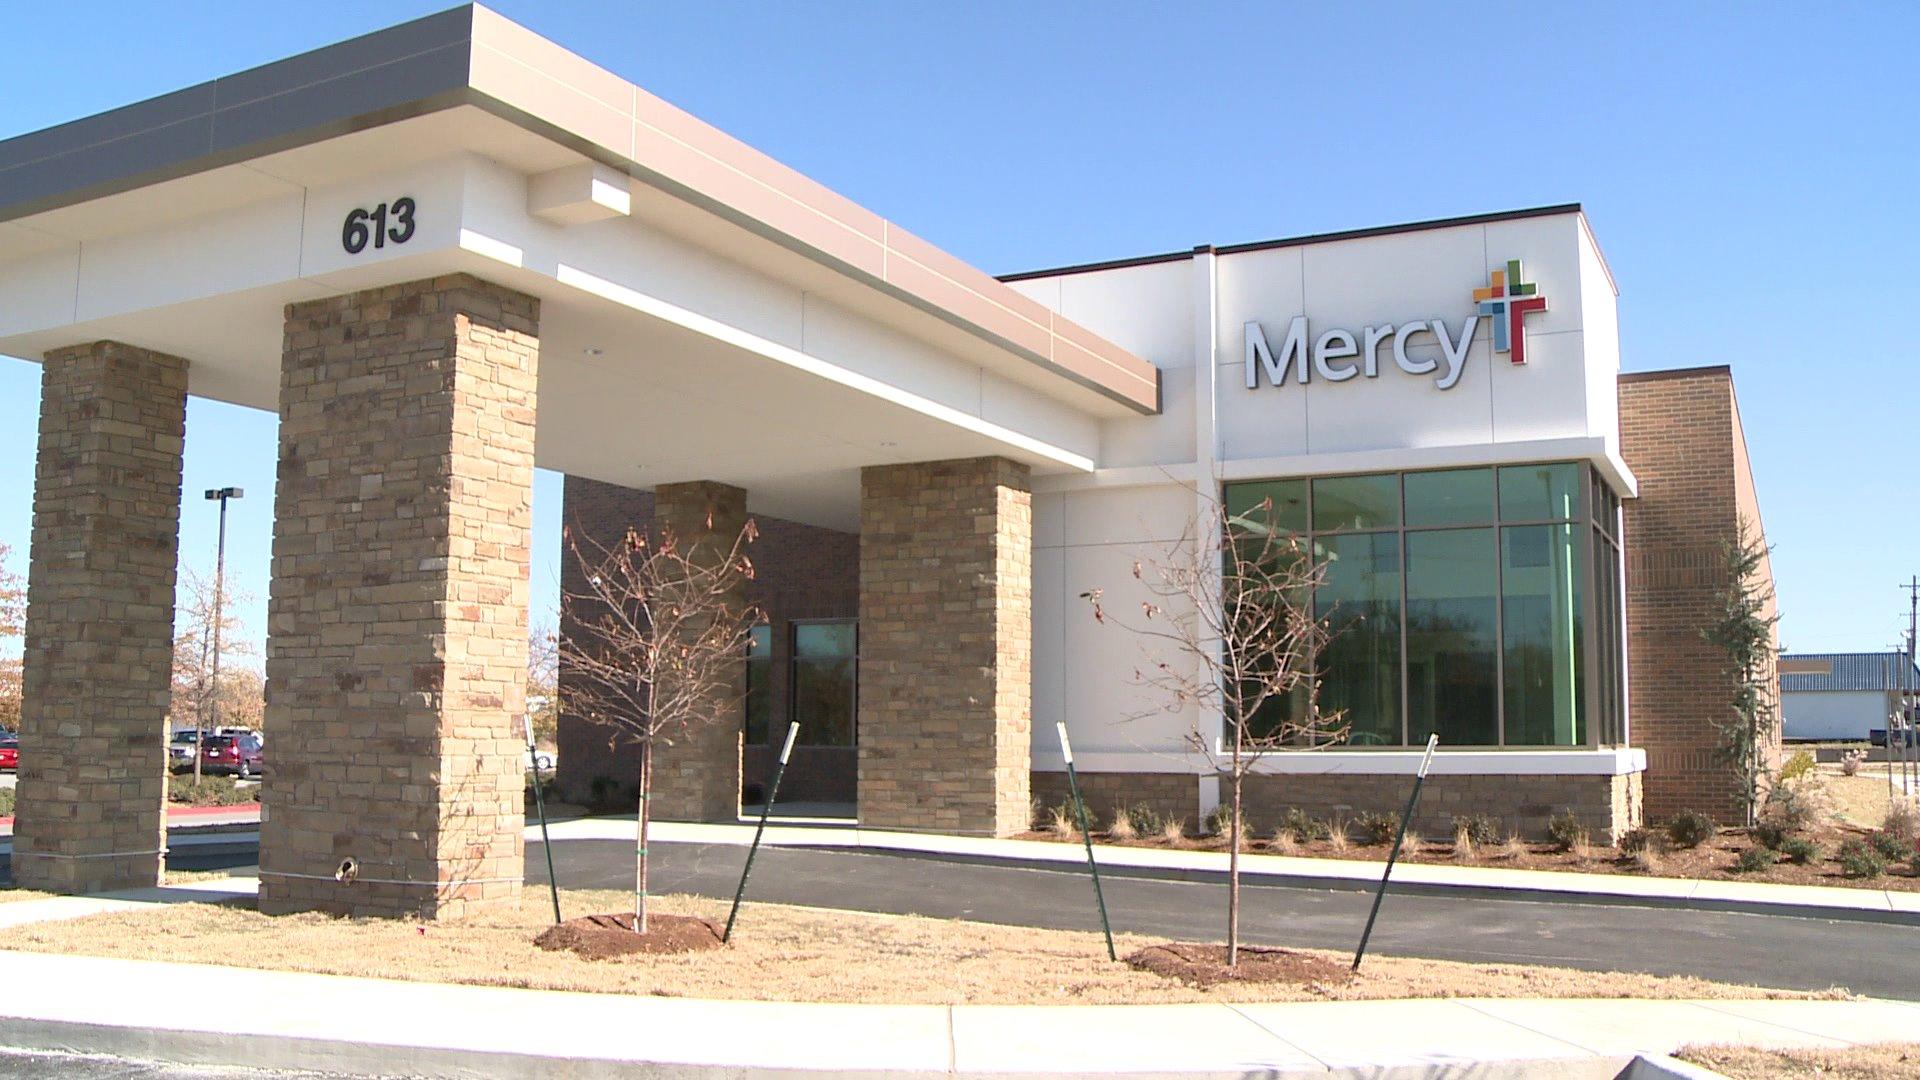 Mercy clinic north may